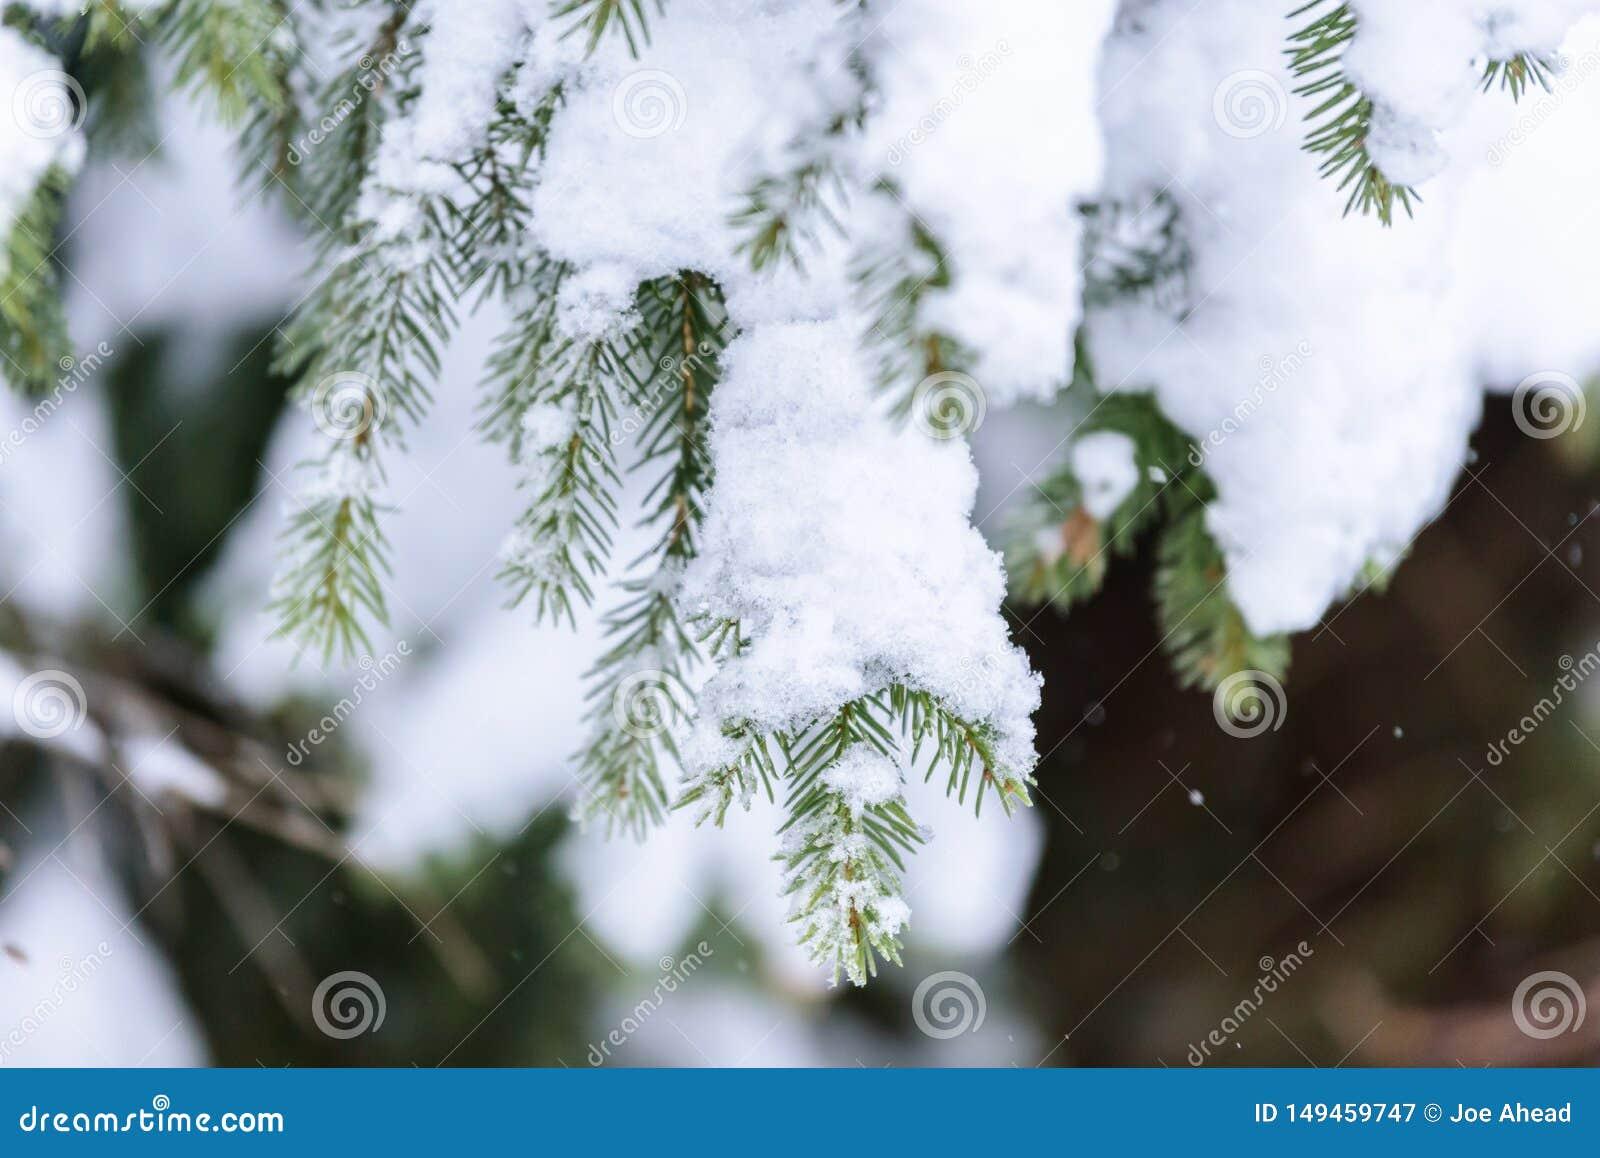 Ветвь дерева покрывала с сильным снегопадом в сезоне зимы на Лапландии, Финляндии